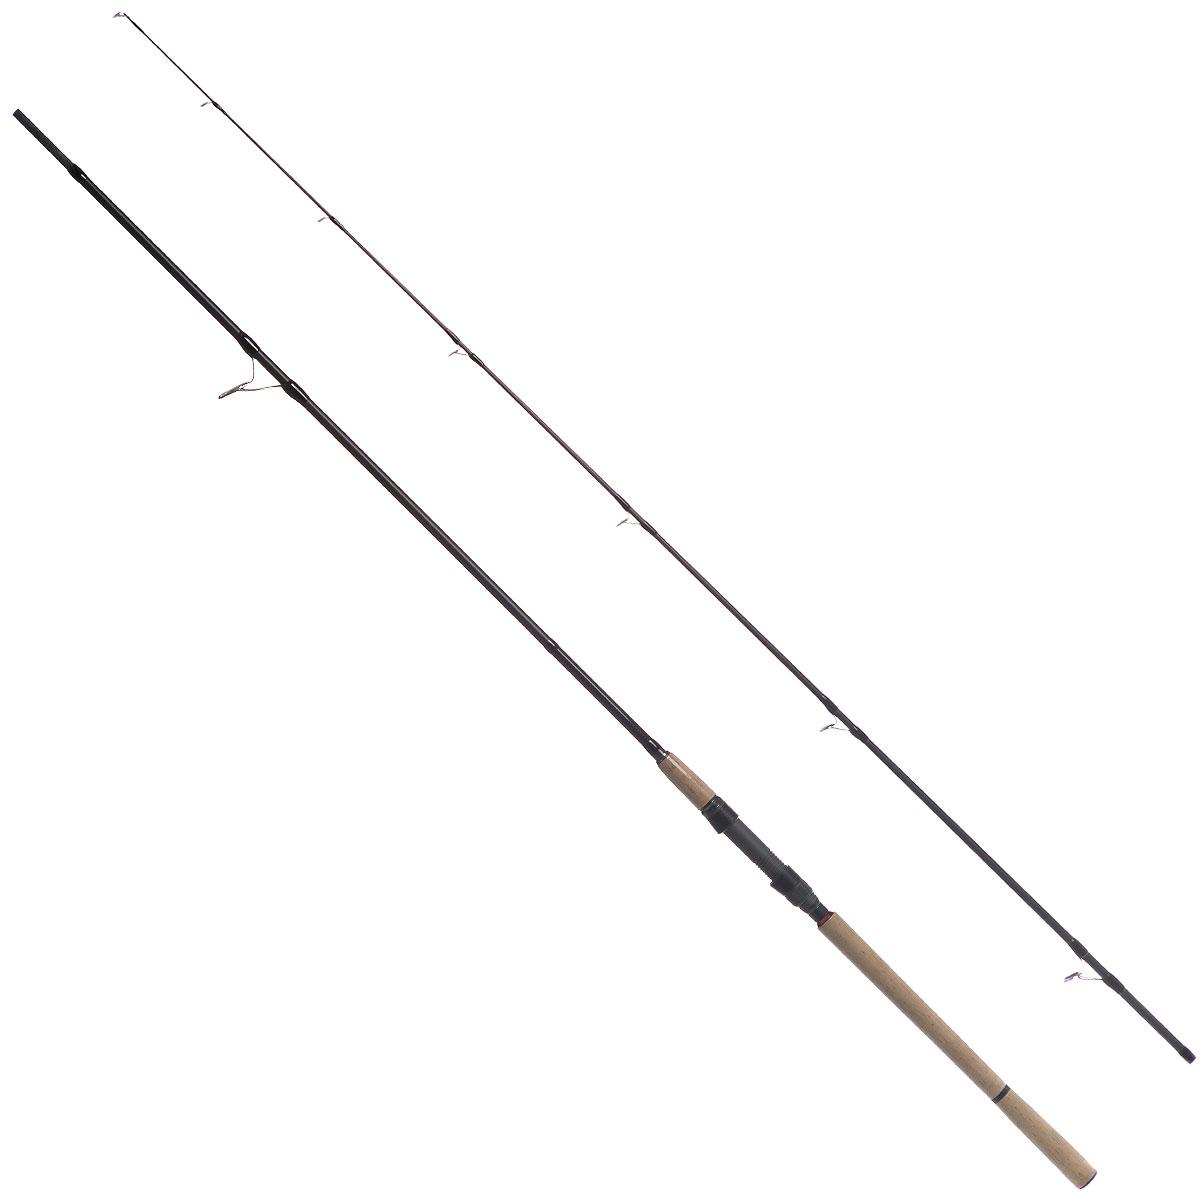 Спиннинг штекерный Daiwa Infinity-Q NEW Spinning, 2,70 м, 15-45 г спиннинг штекерный onlitop matrix 2 7 м 40 80 г